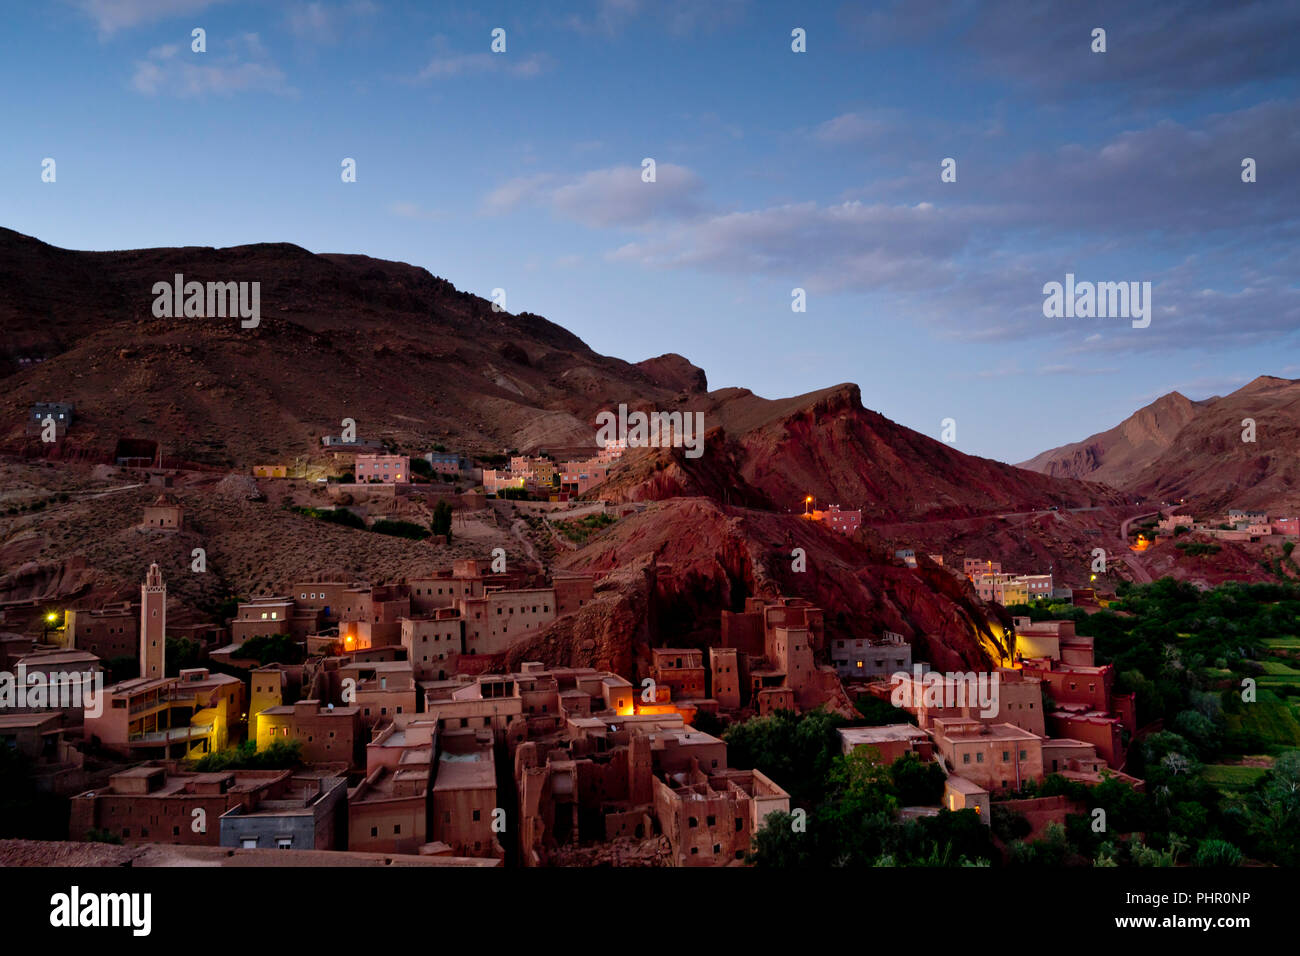 Das Dorf Ait Ibriren in der Dades Schlucht im Süden von Marokko - Stock Image